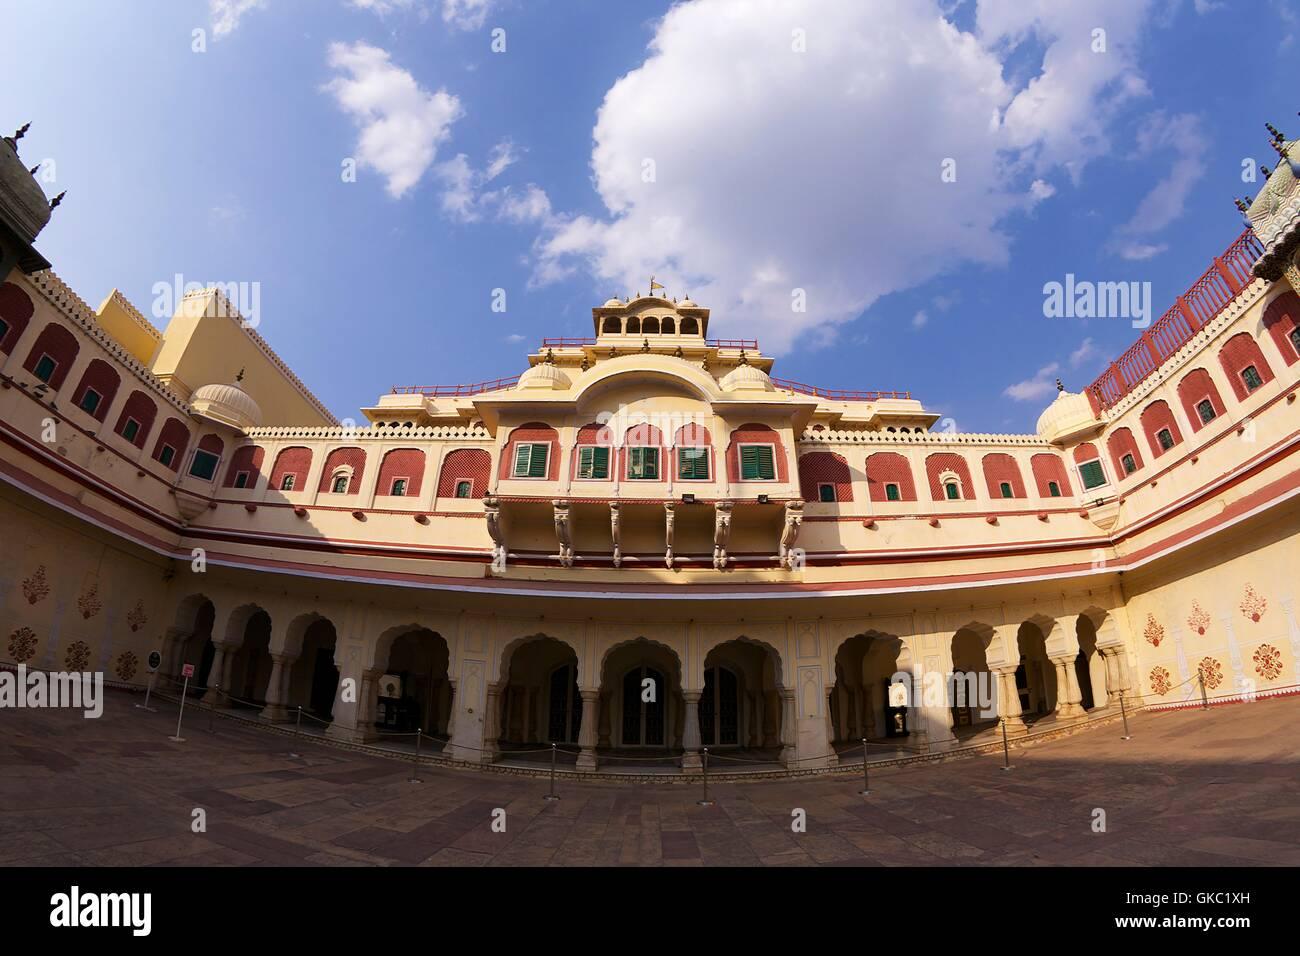 Chandra Mahal or Chandra Niwas, City Palace, Jaipur, Rajasthan, India, Asia Stock Photo